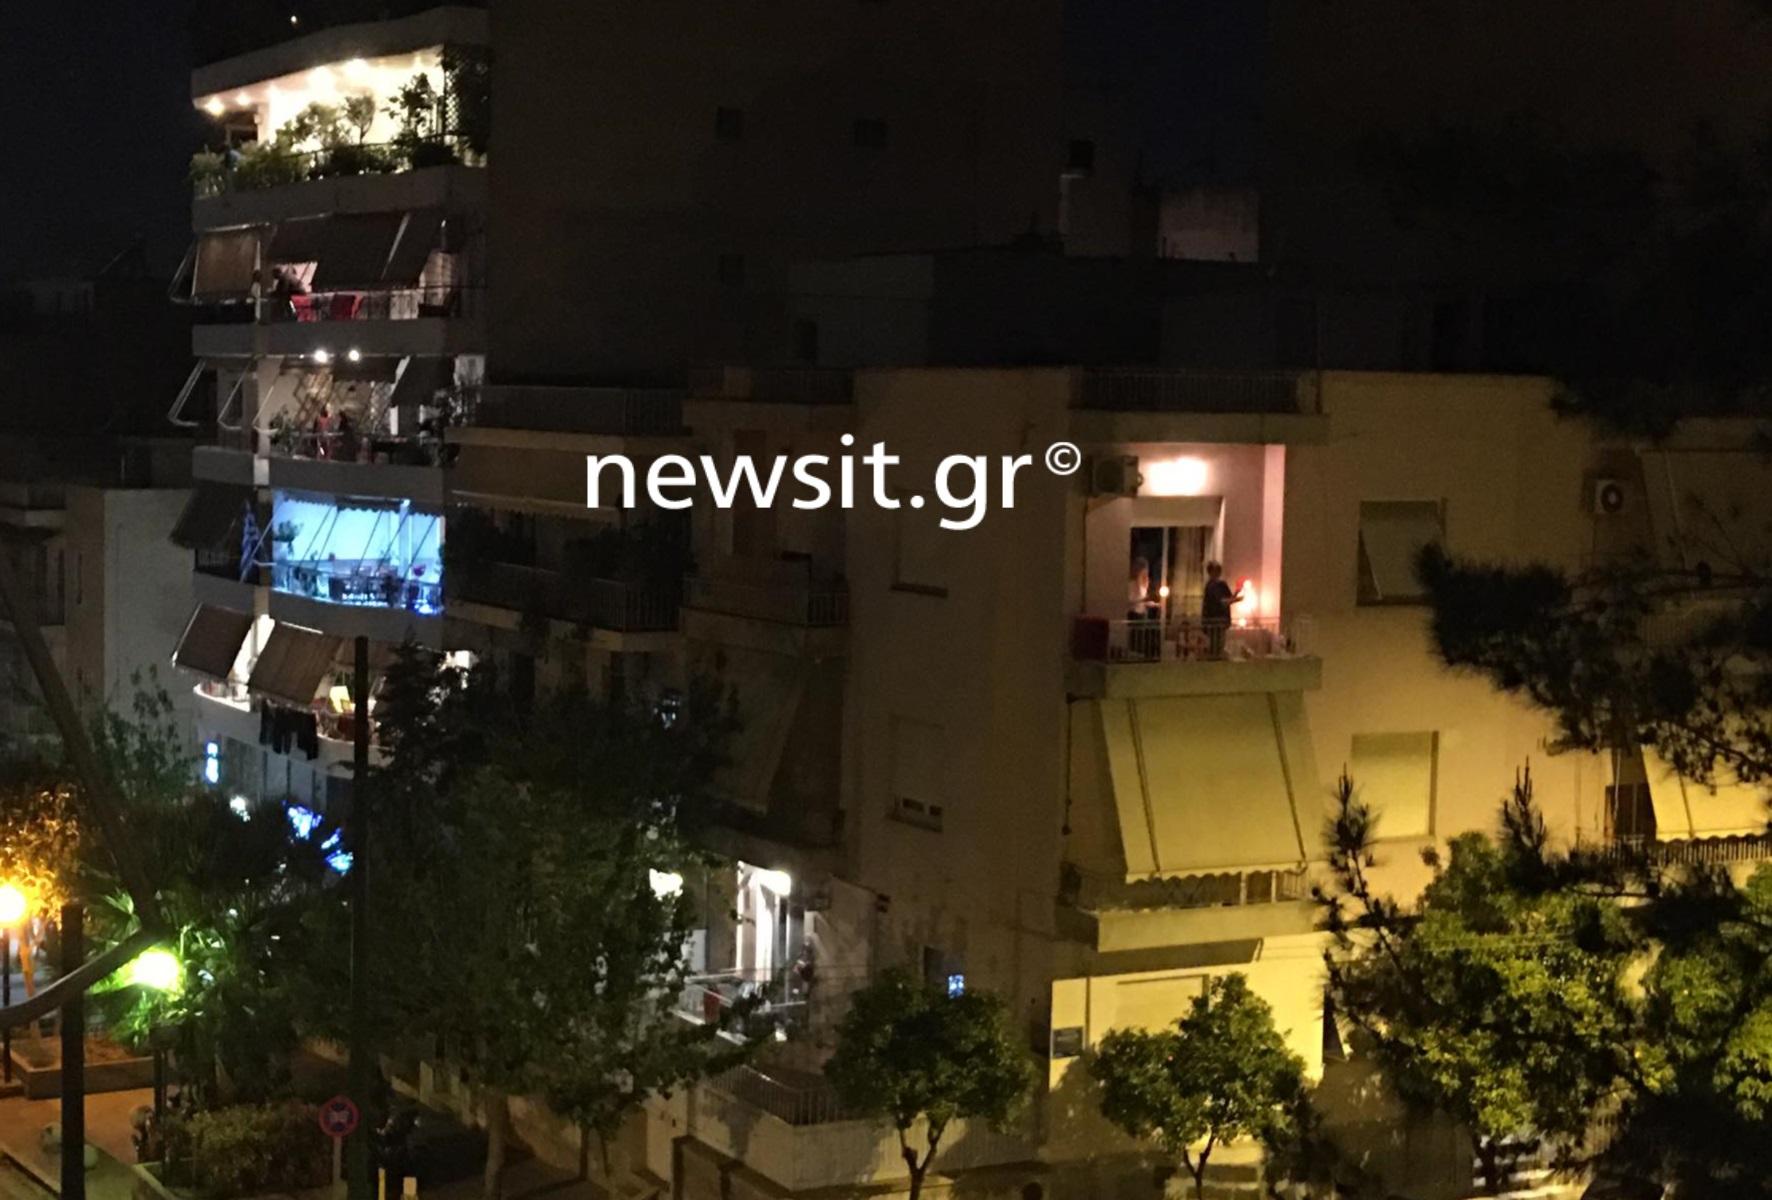 Ανάσταση στα μπαλκόνια – Συγκινητικές στιγμές στις γειτονιές της Αθήνας (βίντεο)